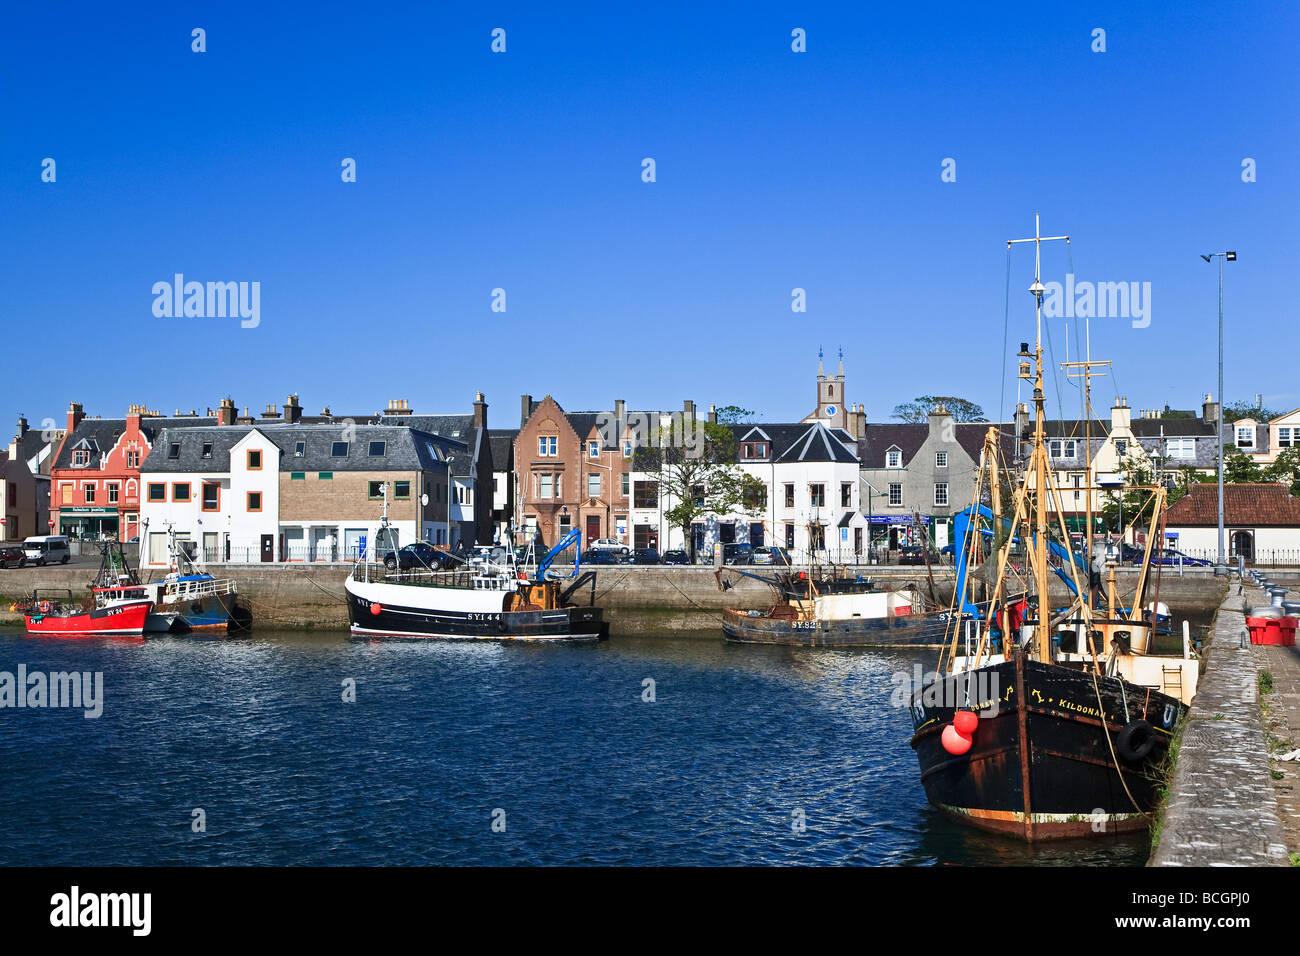 Stornoway harbour, Isle of Lewis, Outer Hebrides, western isles, Scotland, UK 2009 - Stock Image